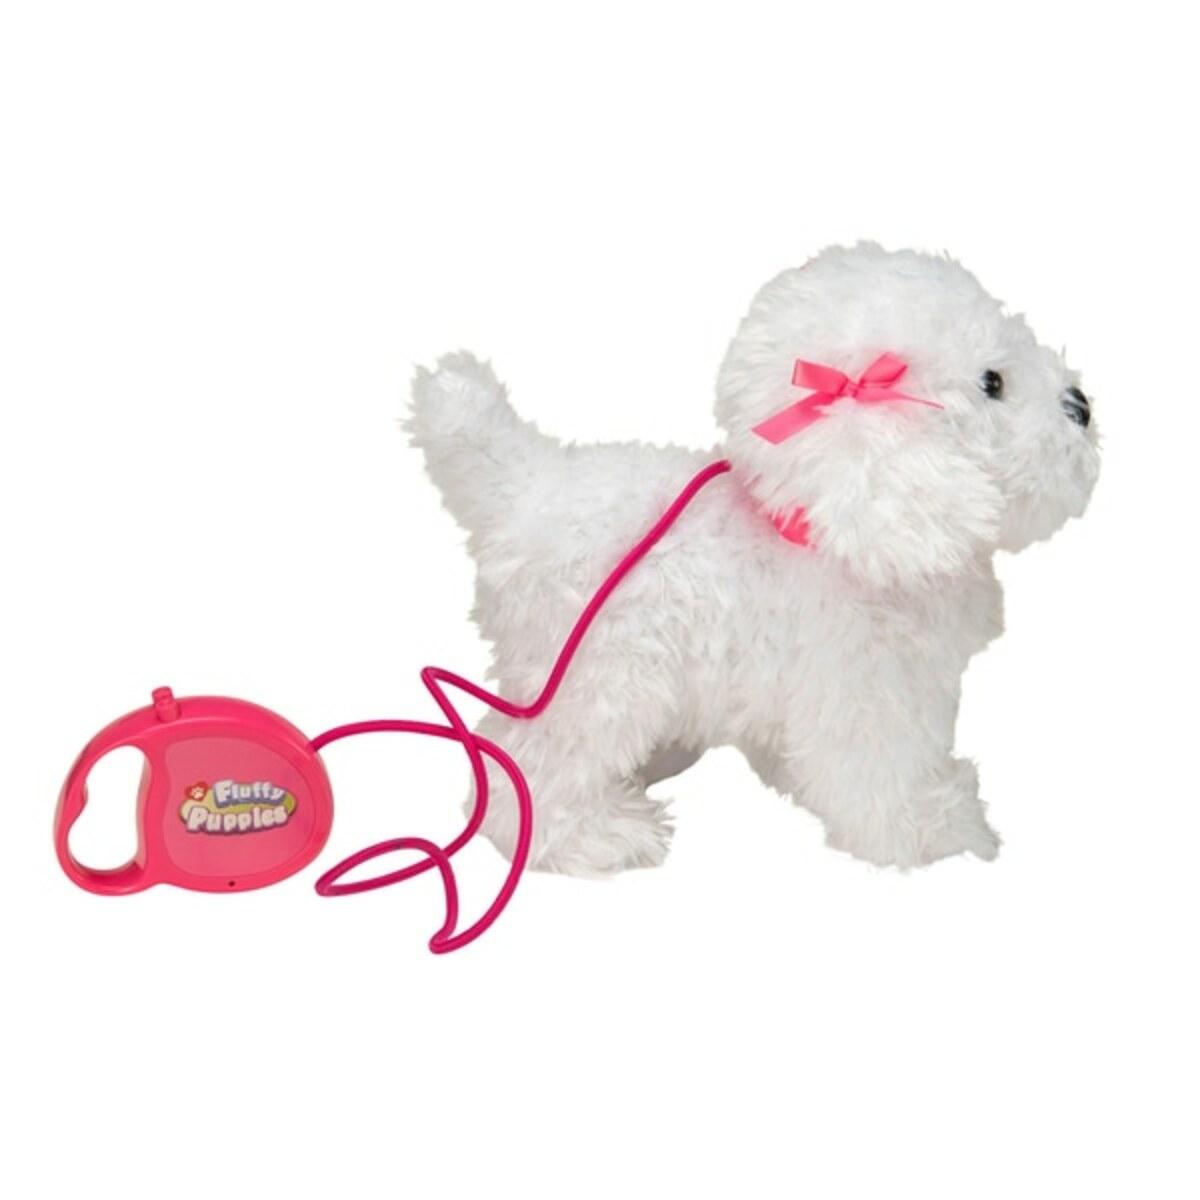 Bild 3 von Fluffy Puppies - Laufender Pudel